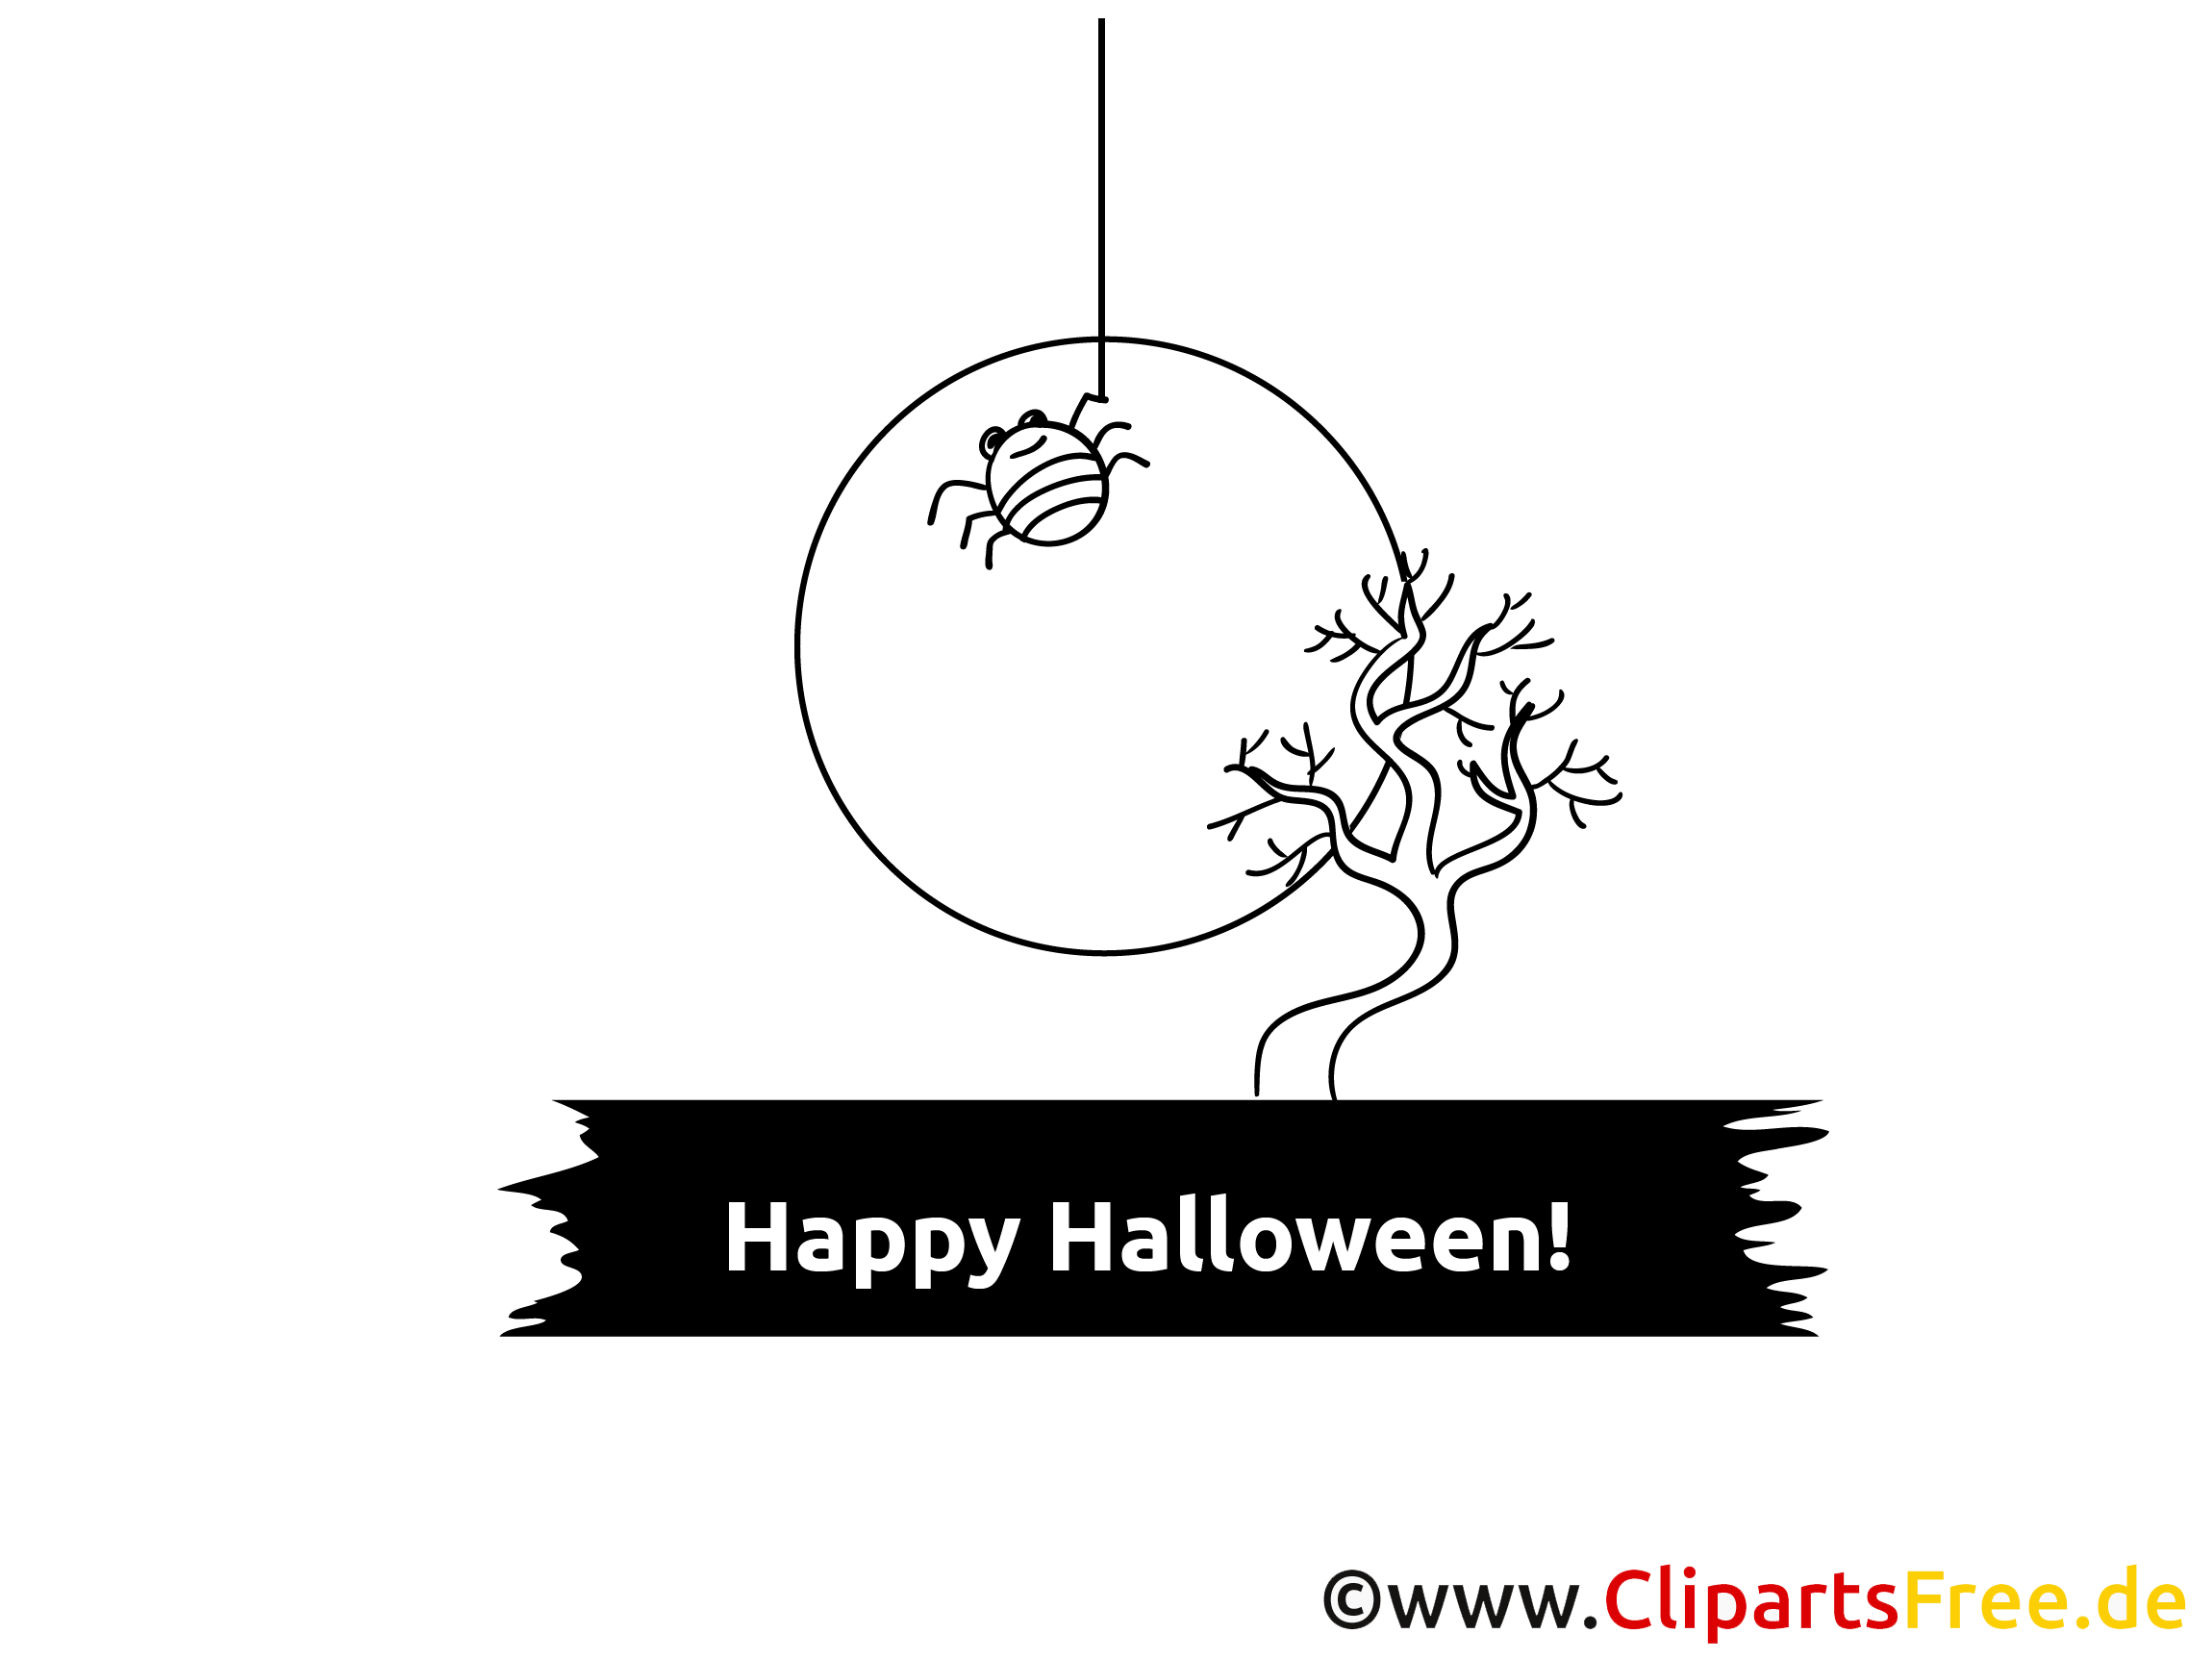 Schwarz-weisse Cliparts zu Halloween